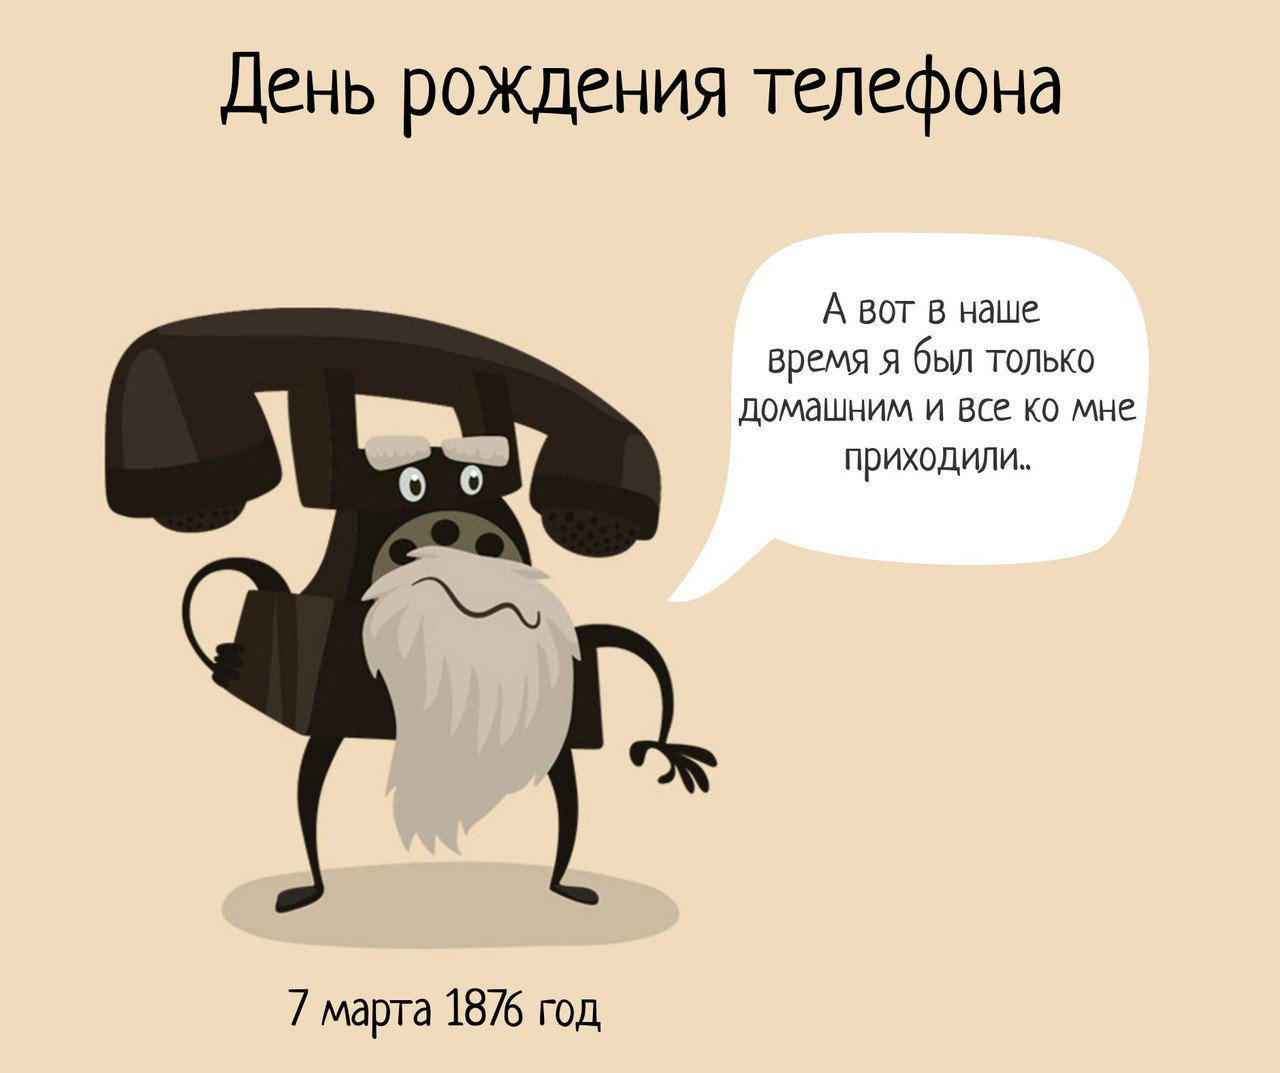 Картинки с днем рождения телефонного аппарата, картинках про охоту